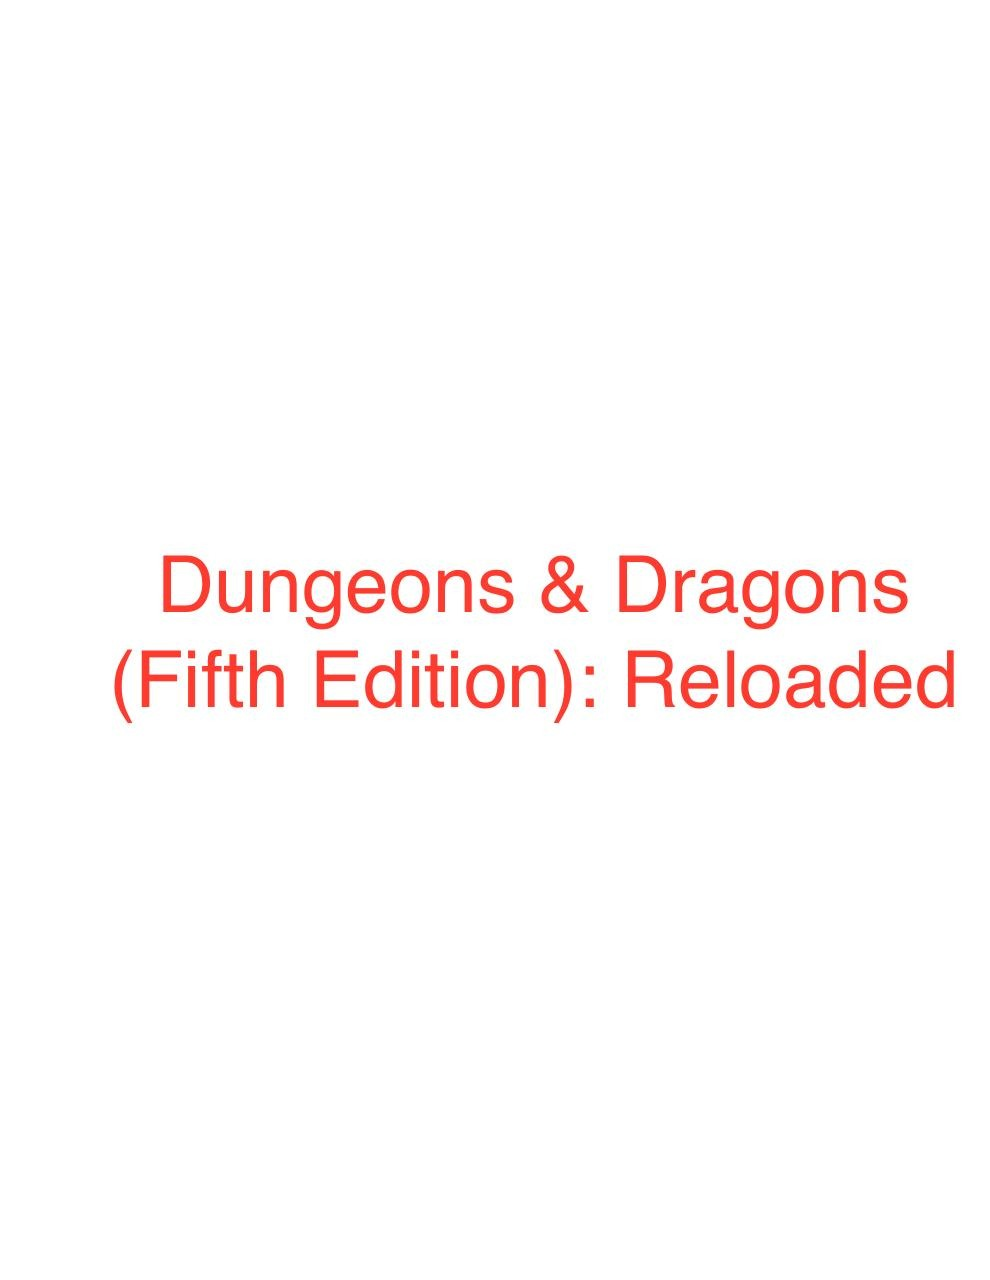 D&D 5E Reloaded - PDF Archive